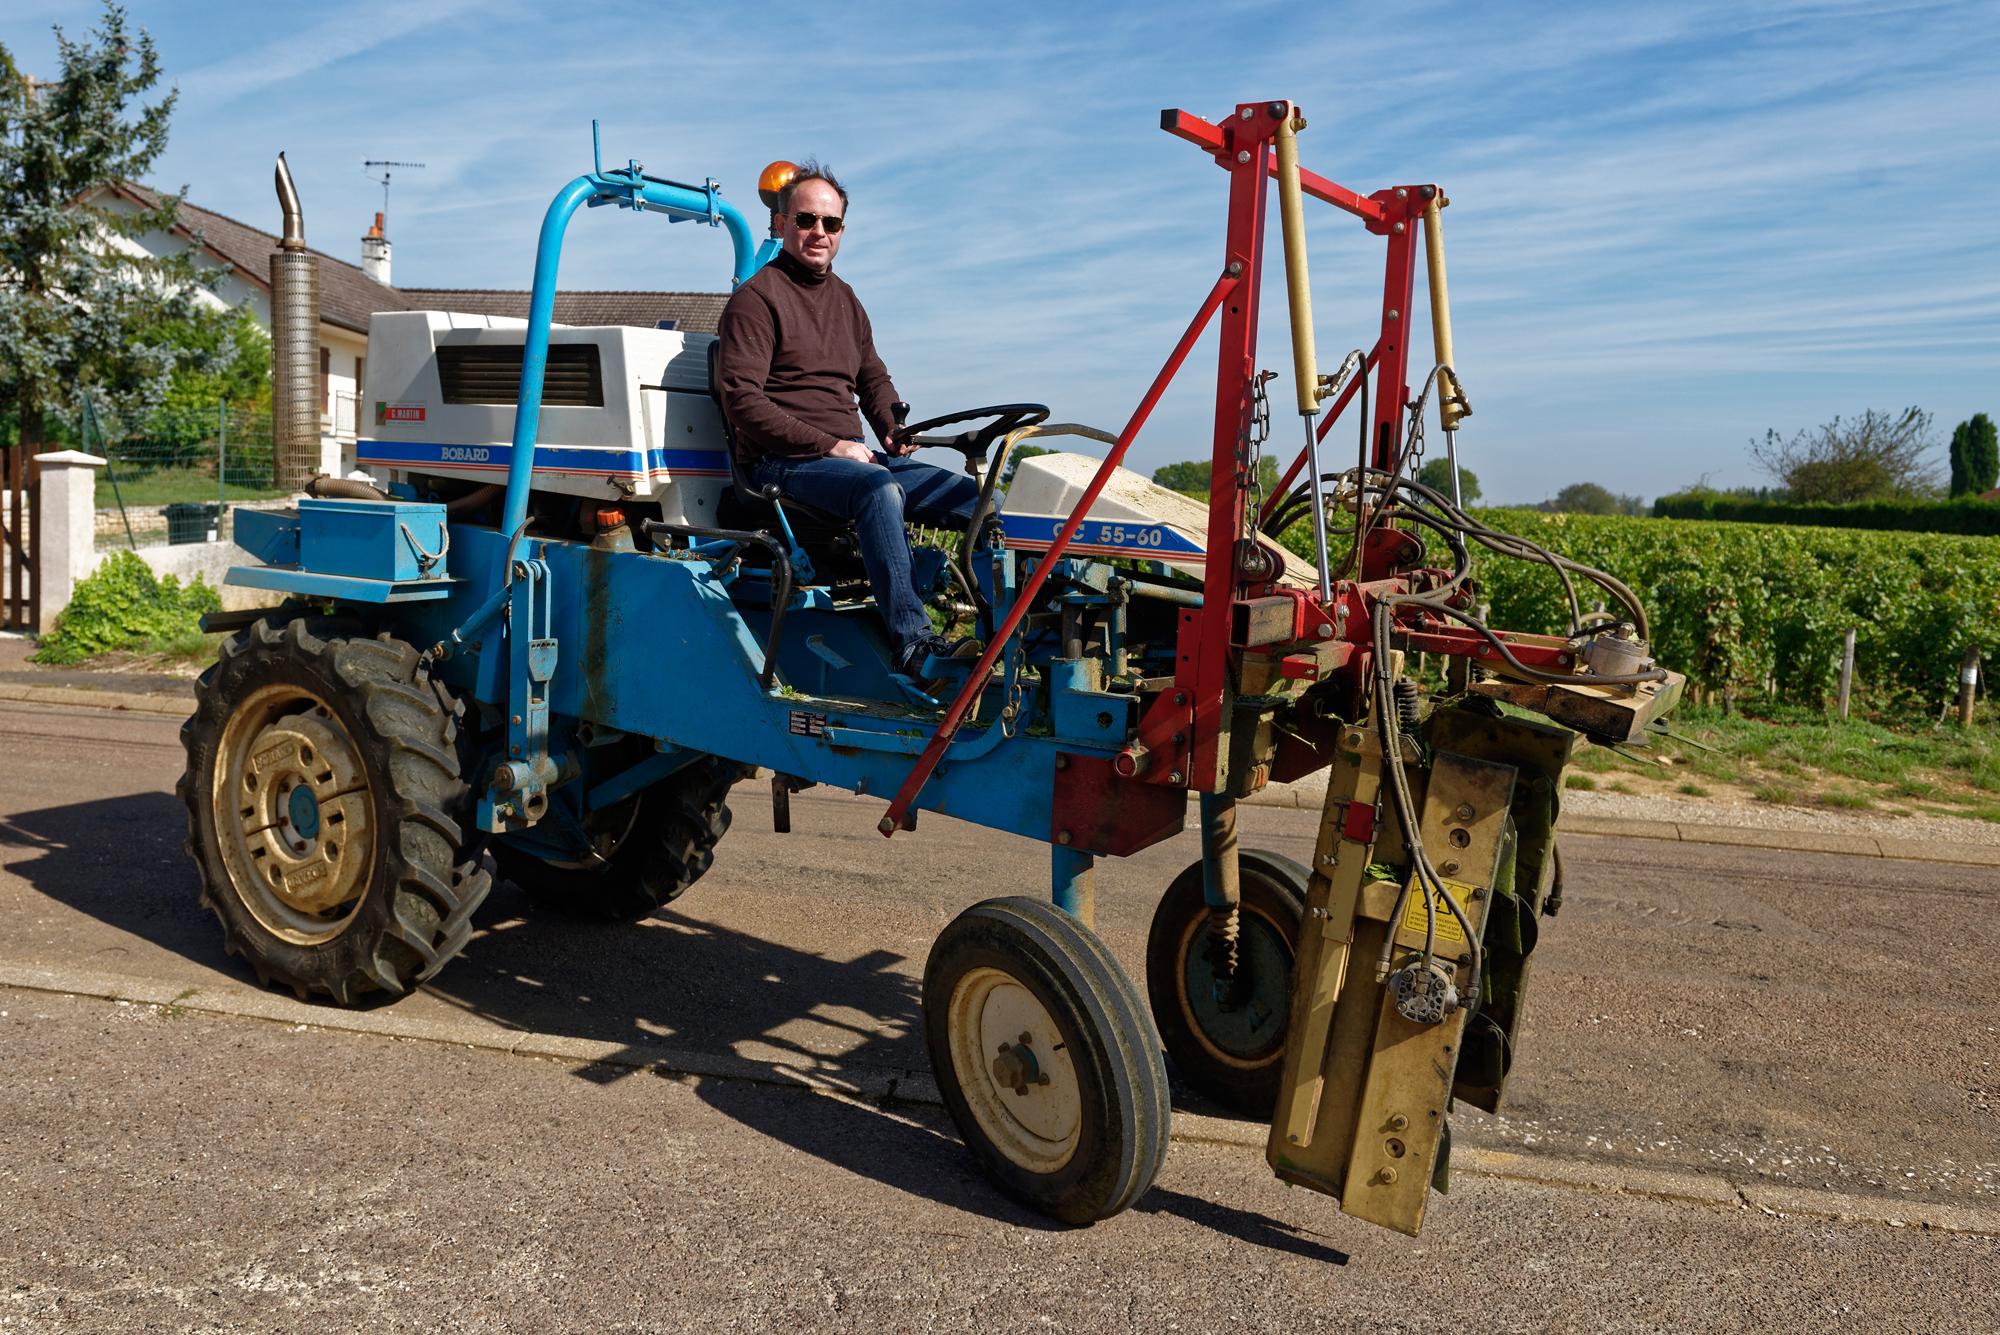 Der Patron, Christophe Bryczek, kommt auf dem Traktor zum Interview